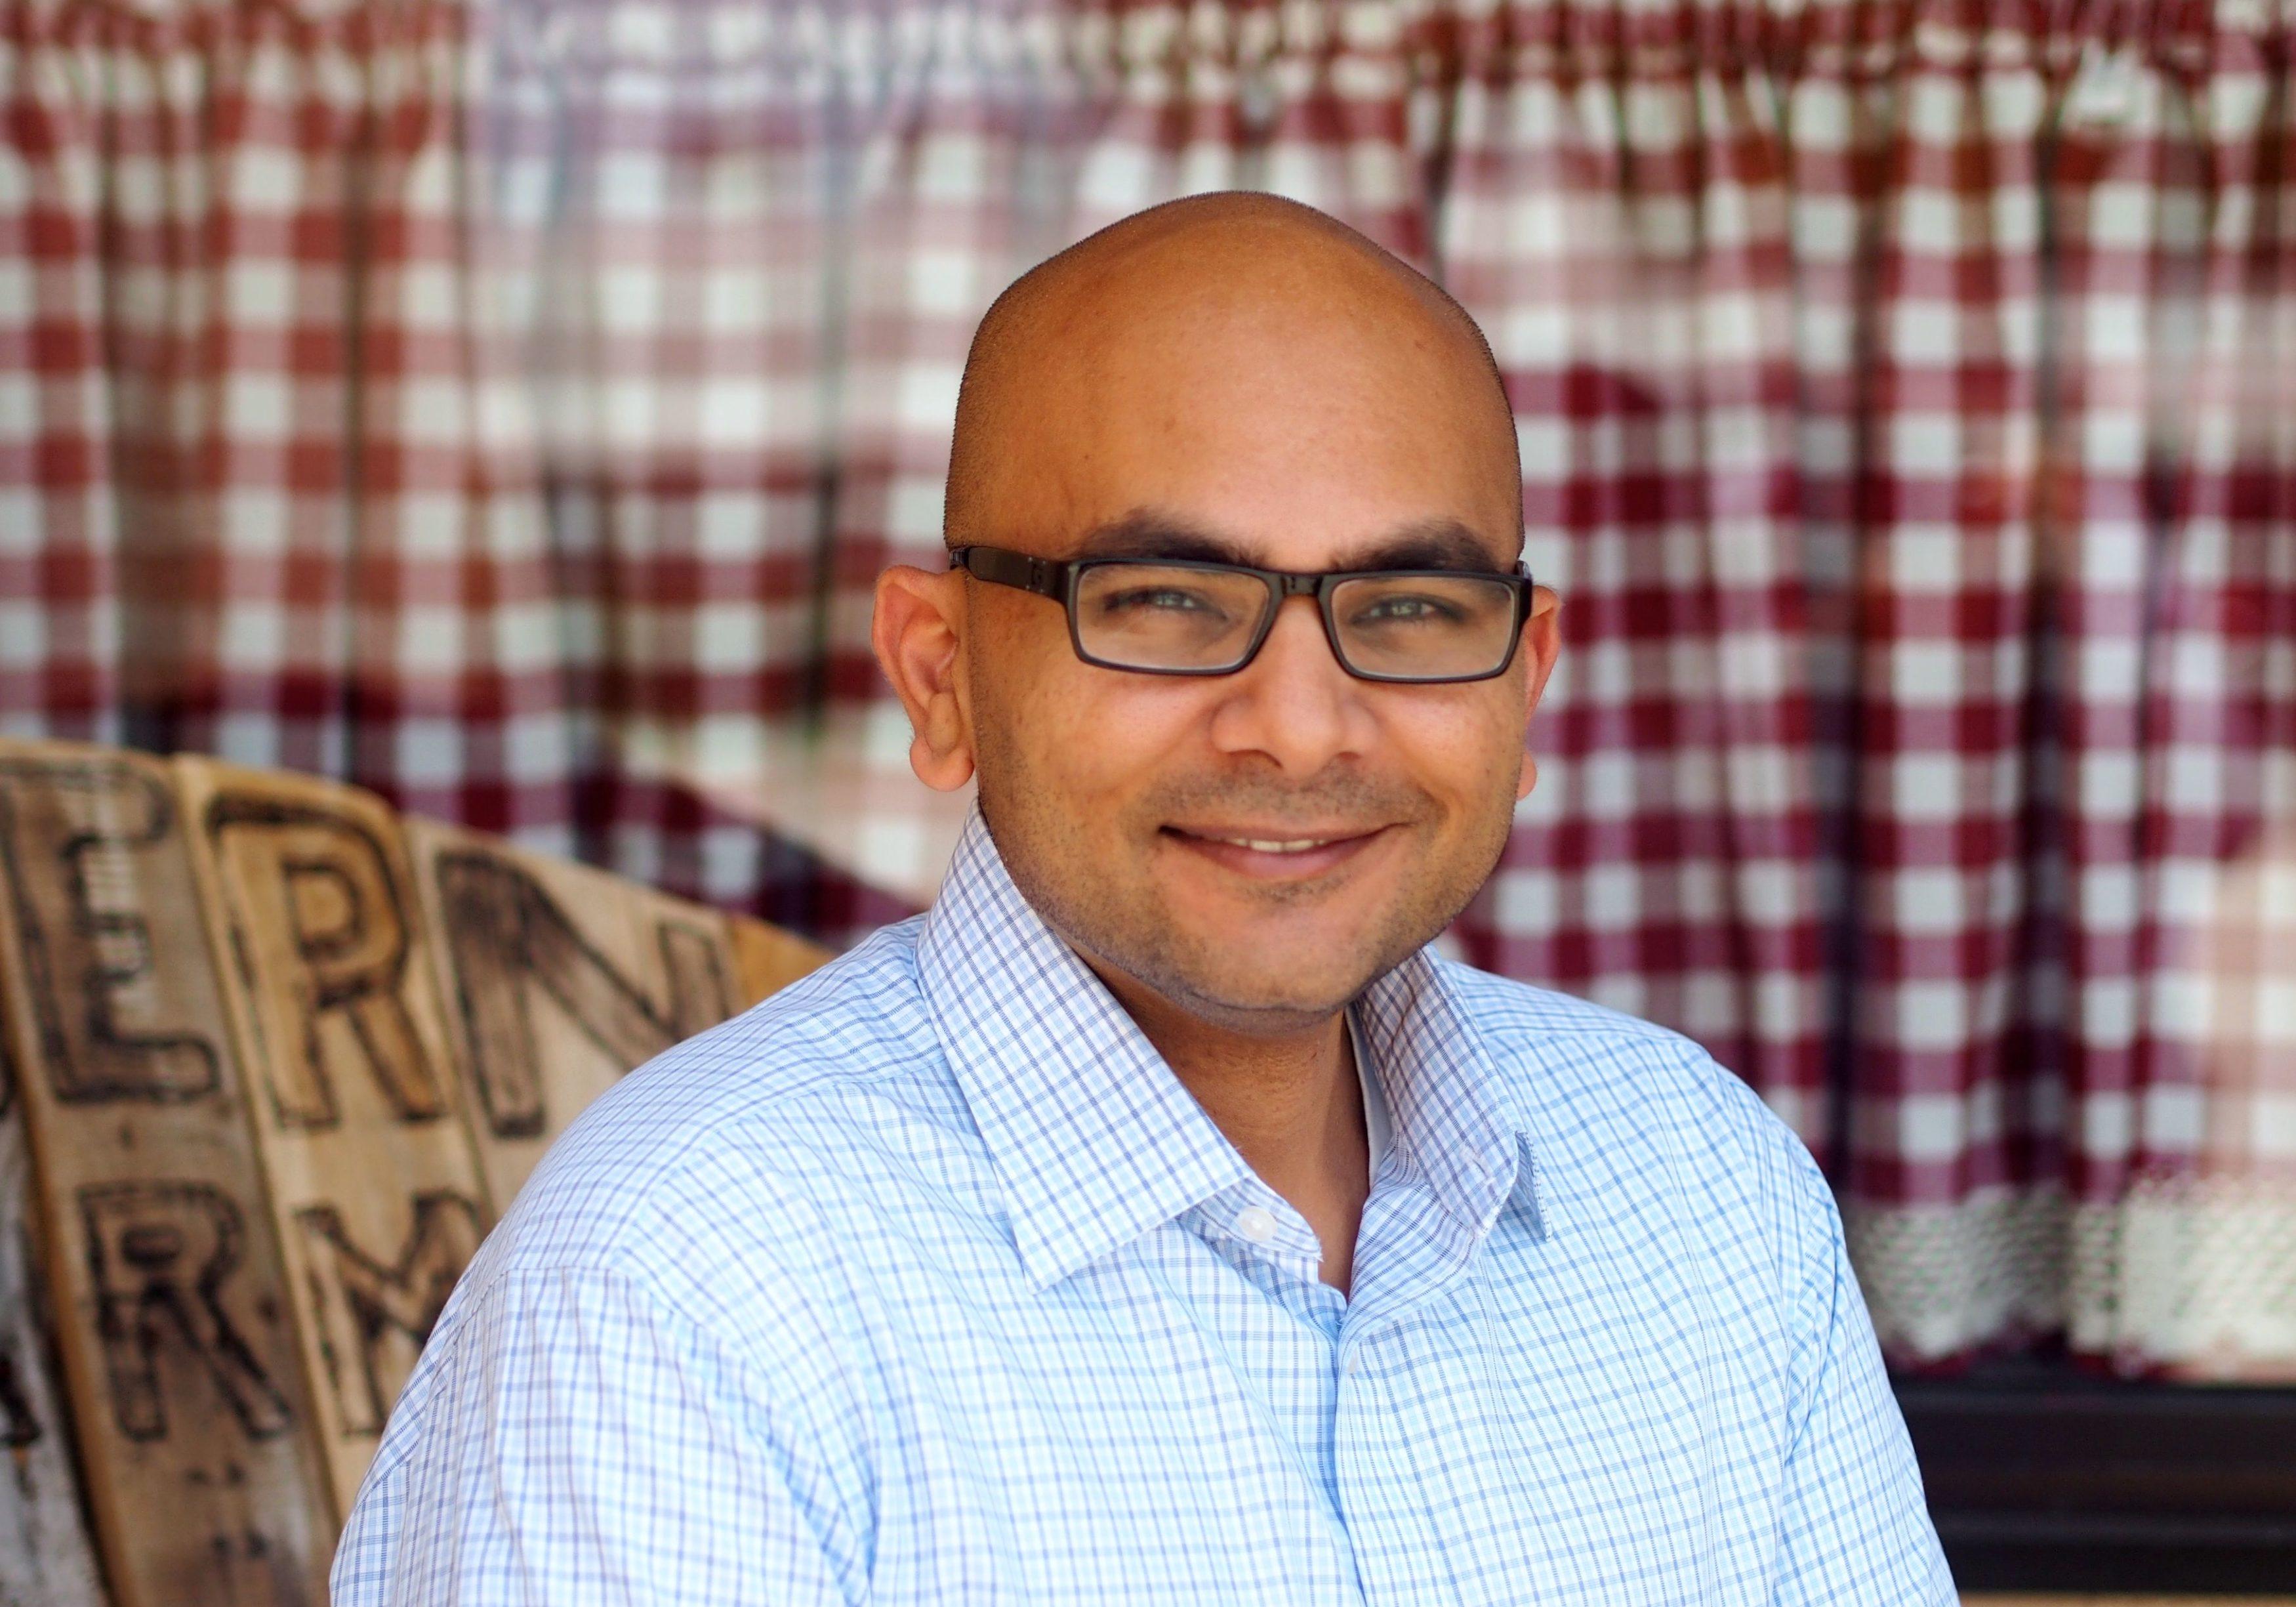 Sanjay-Patel-3500x2449.jpg